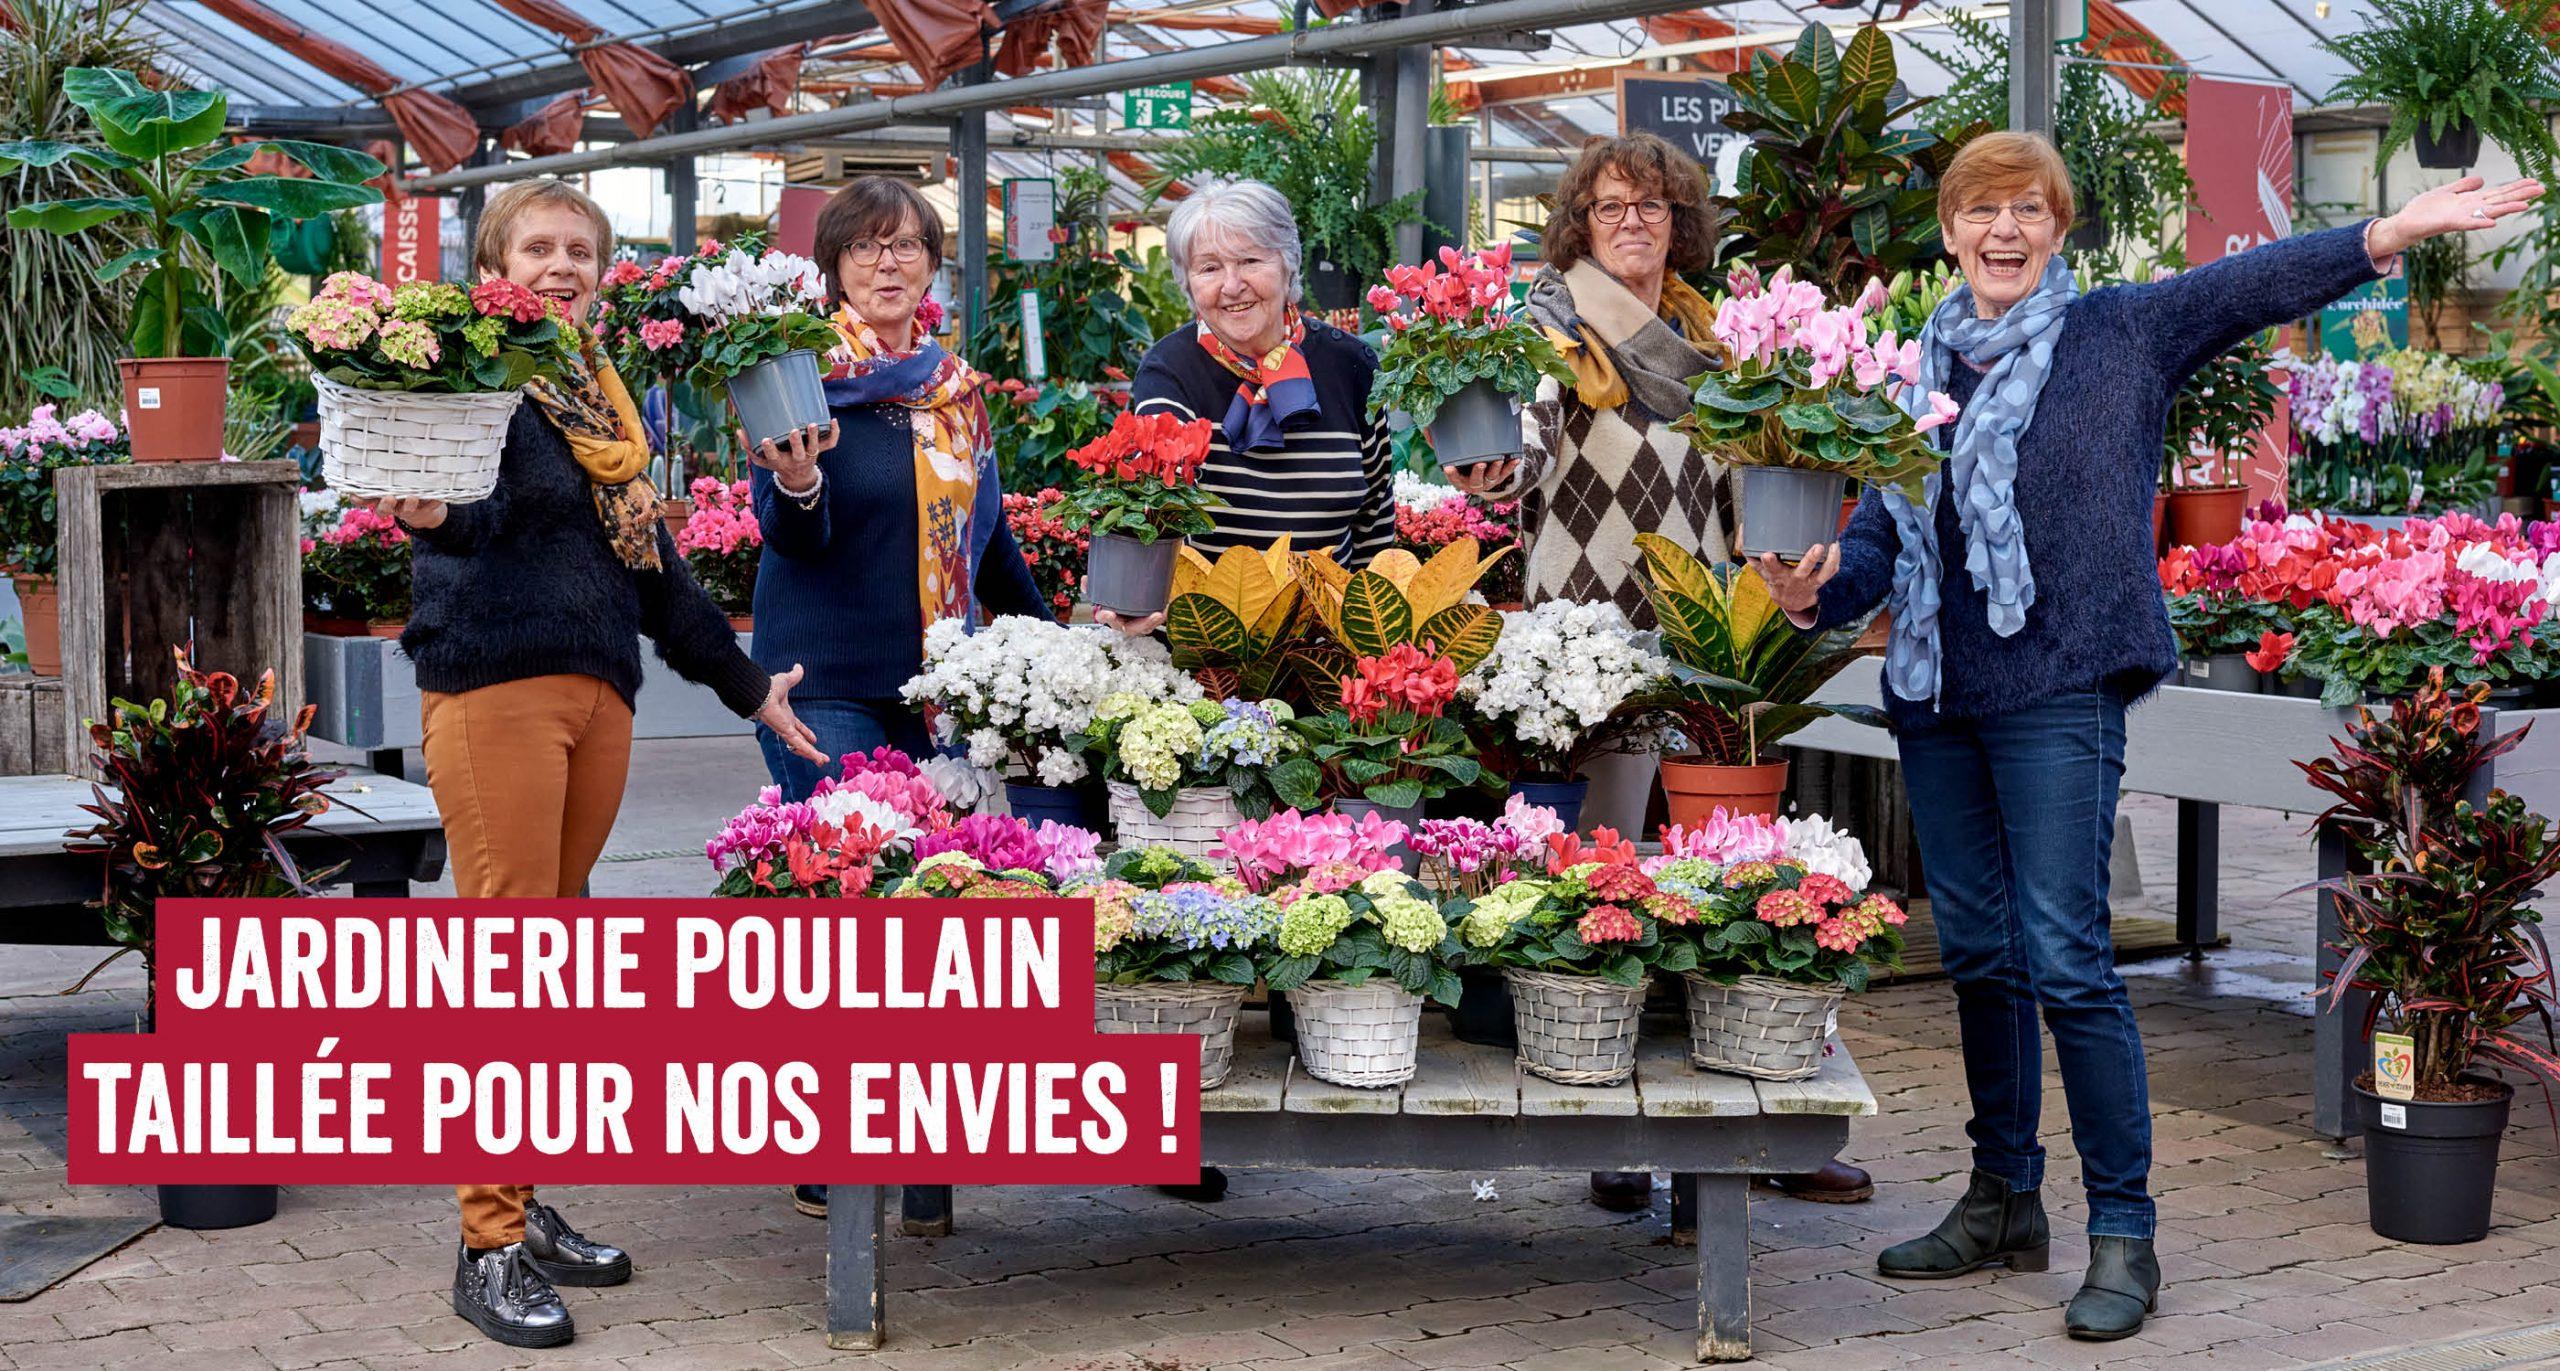 Jardinerie Poullain taillée pour nos envies !